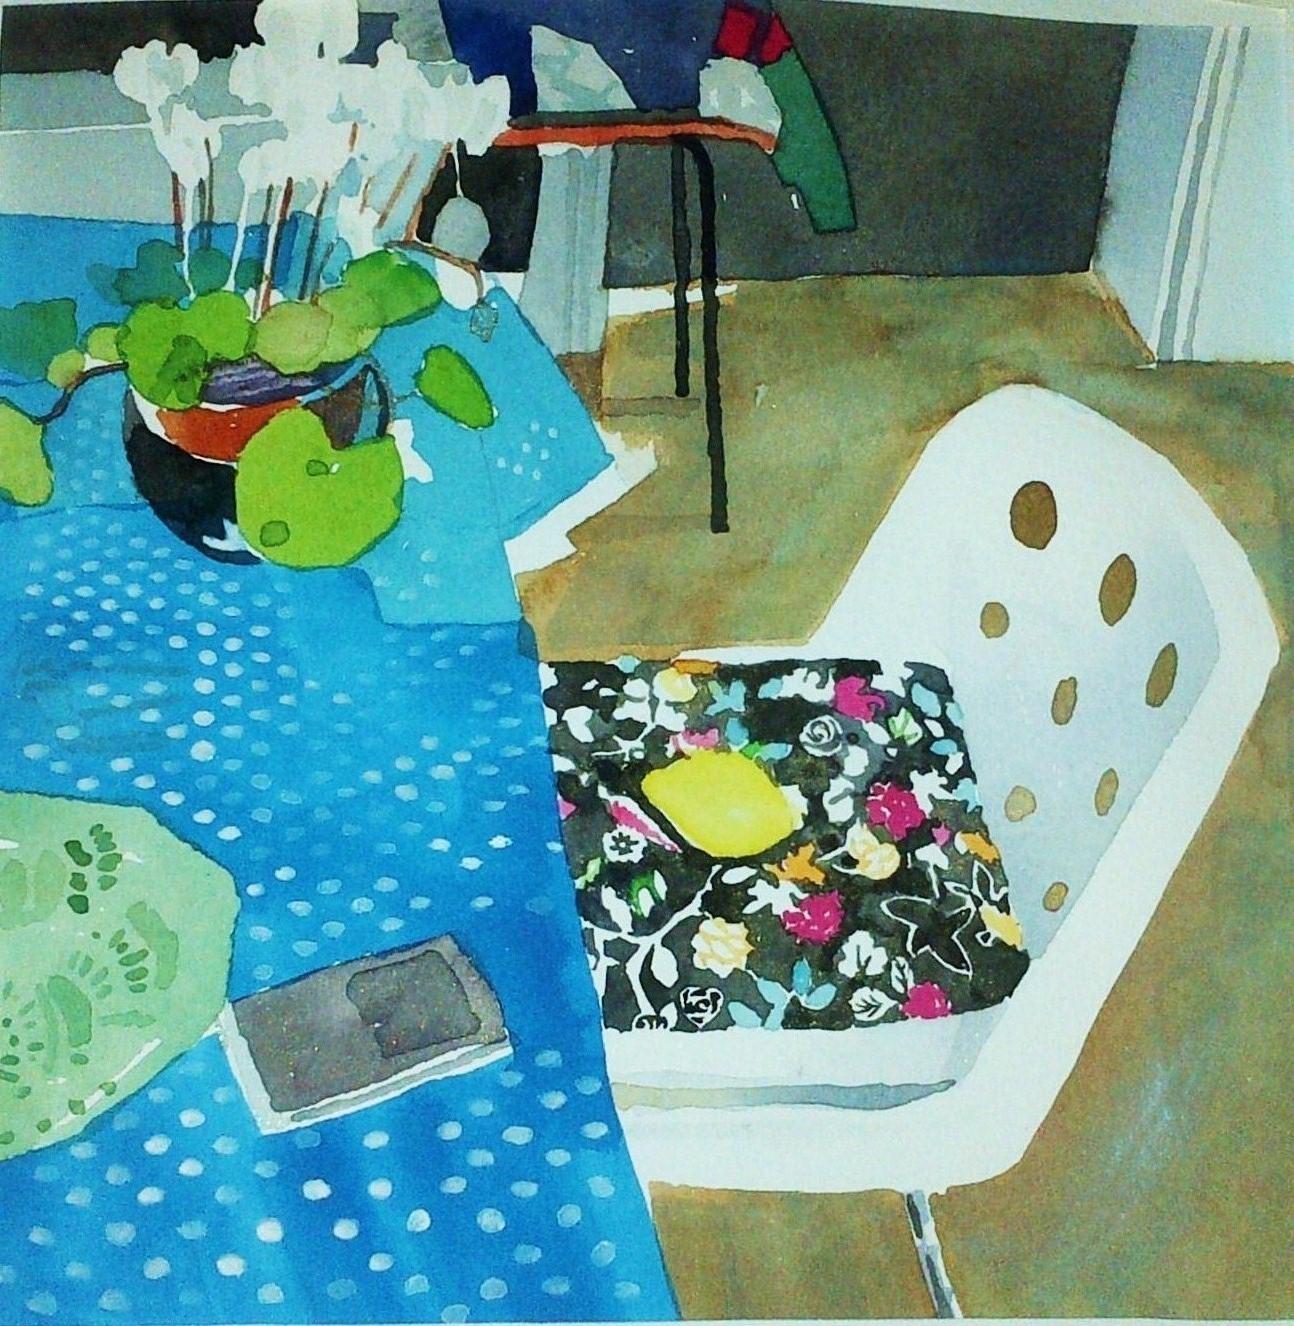 Nicola Gregory Gallery 12